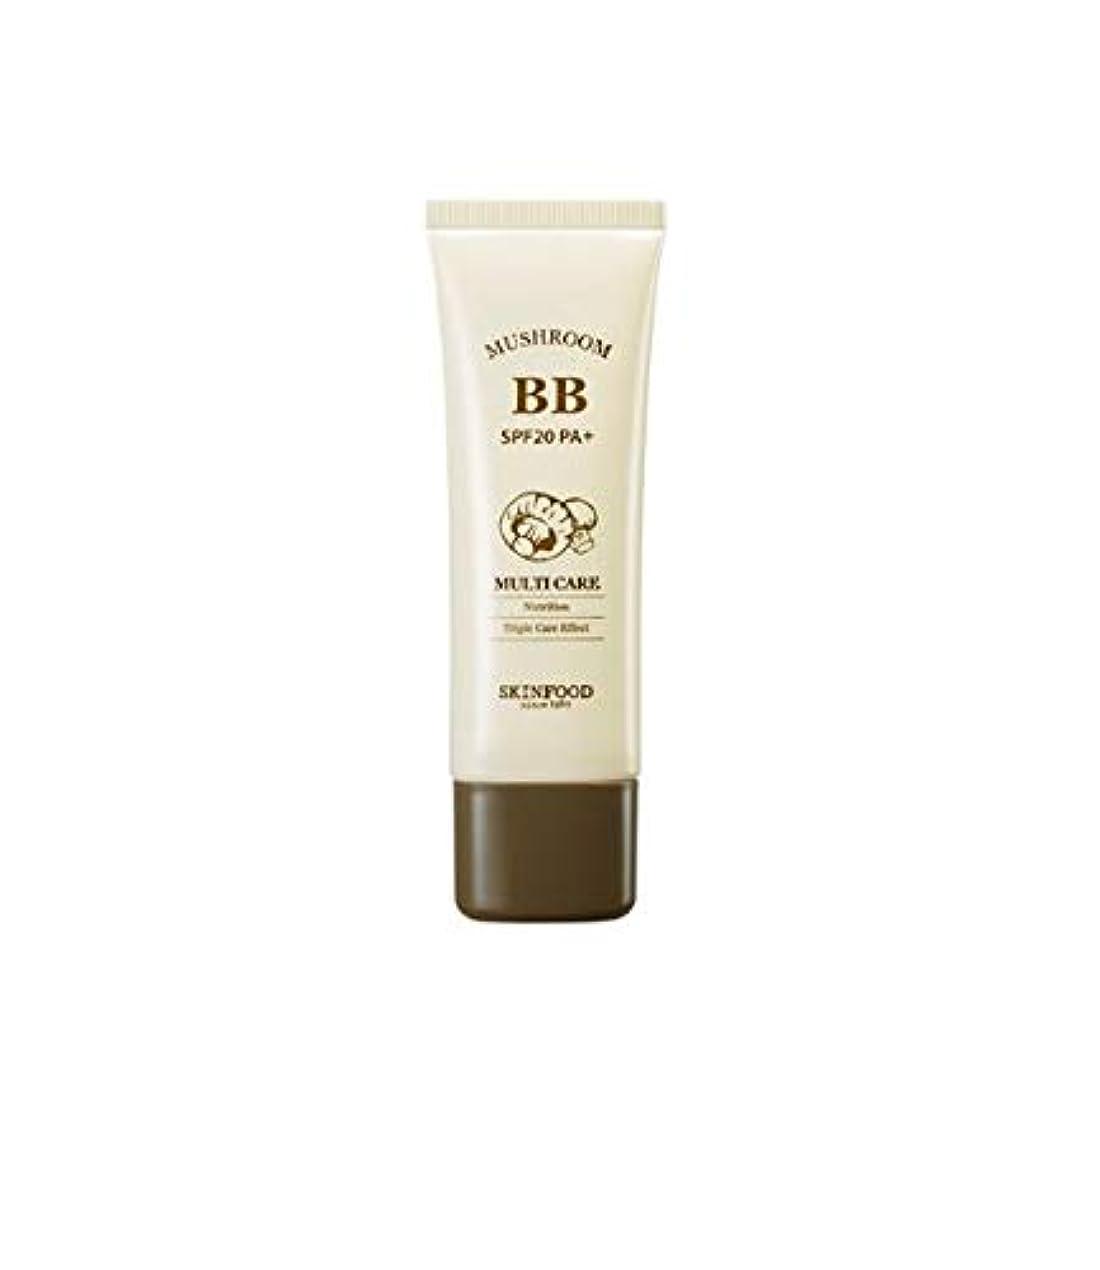 異形冷える口述Skinfood マッシュルームマルチケアBBクリームSPF20 PA +#No. 1ブライトスキン / Mushroom Multi Care BB Cream SPF20 PA+# No. 1 Bright Skin...